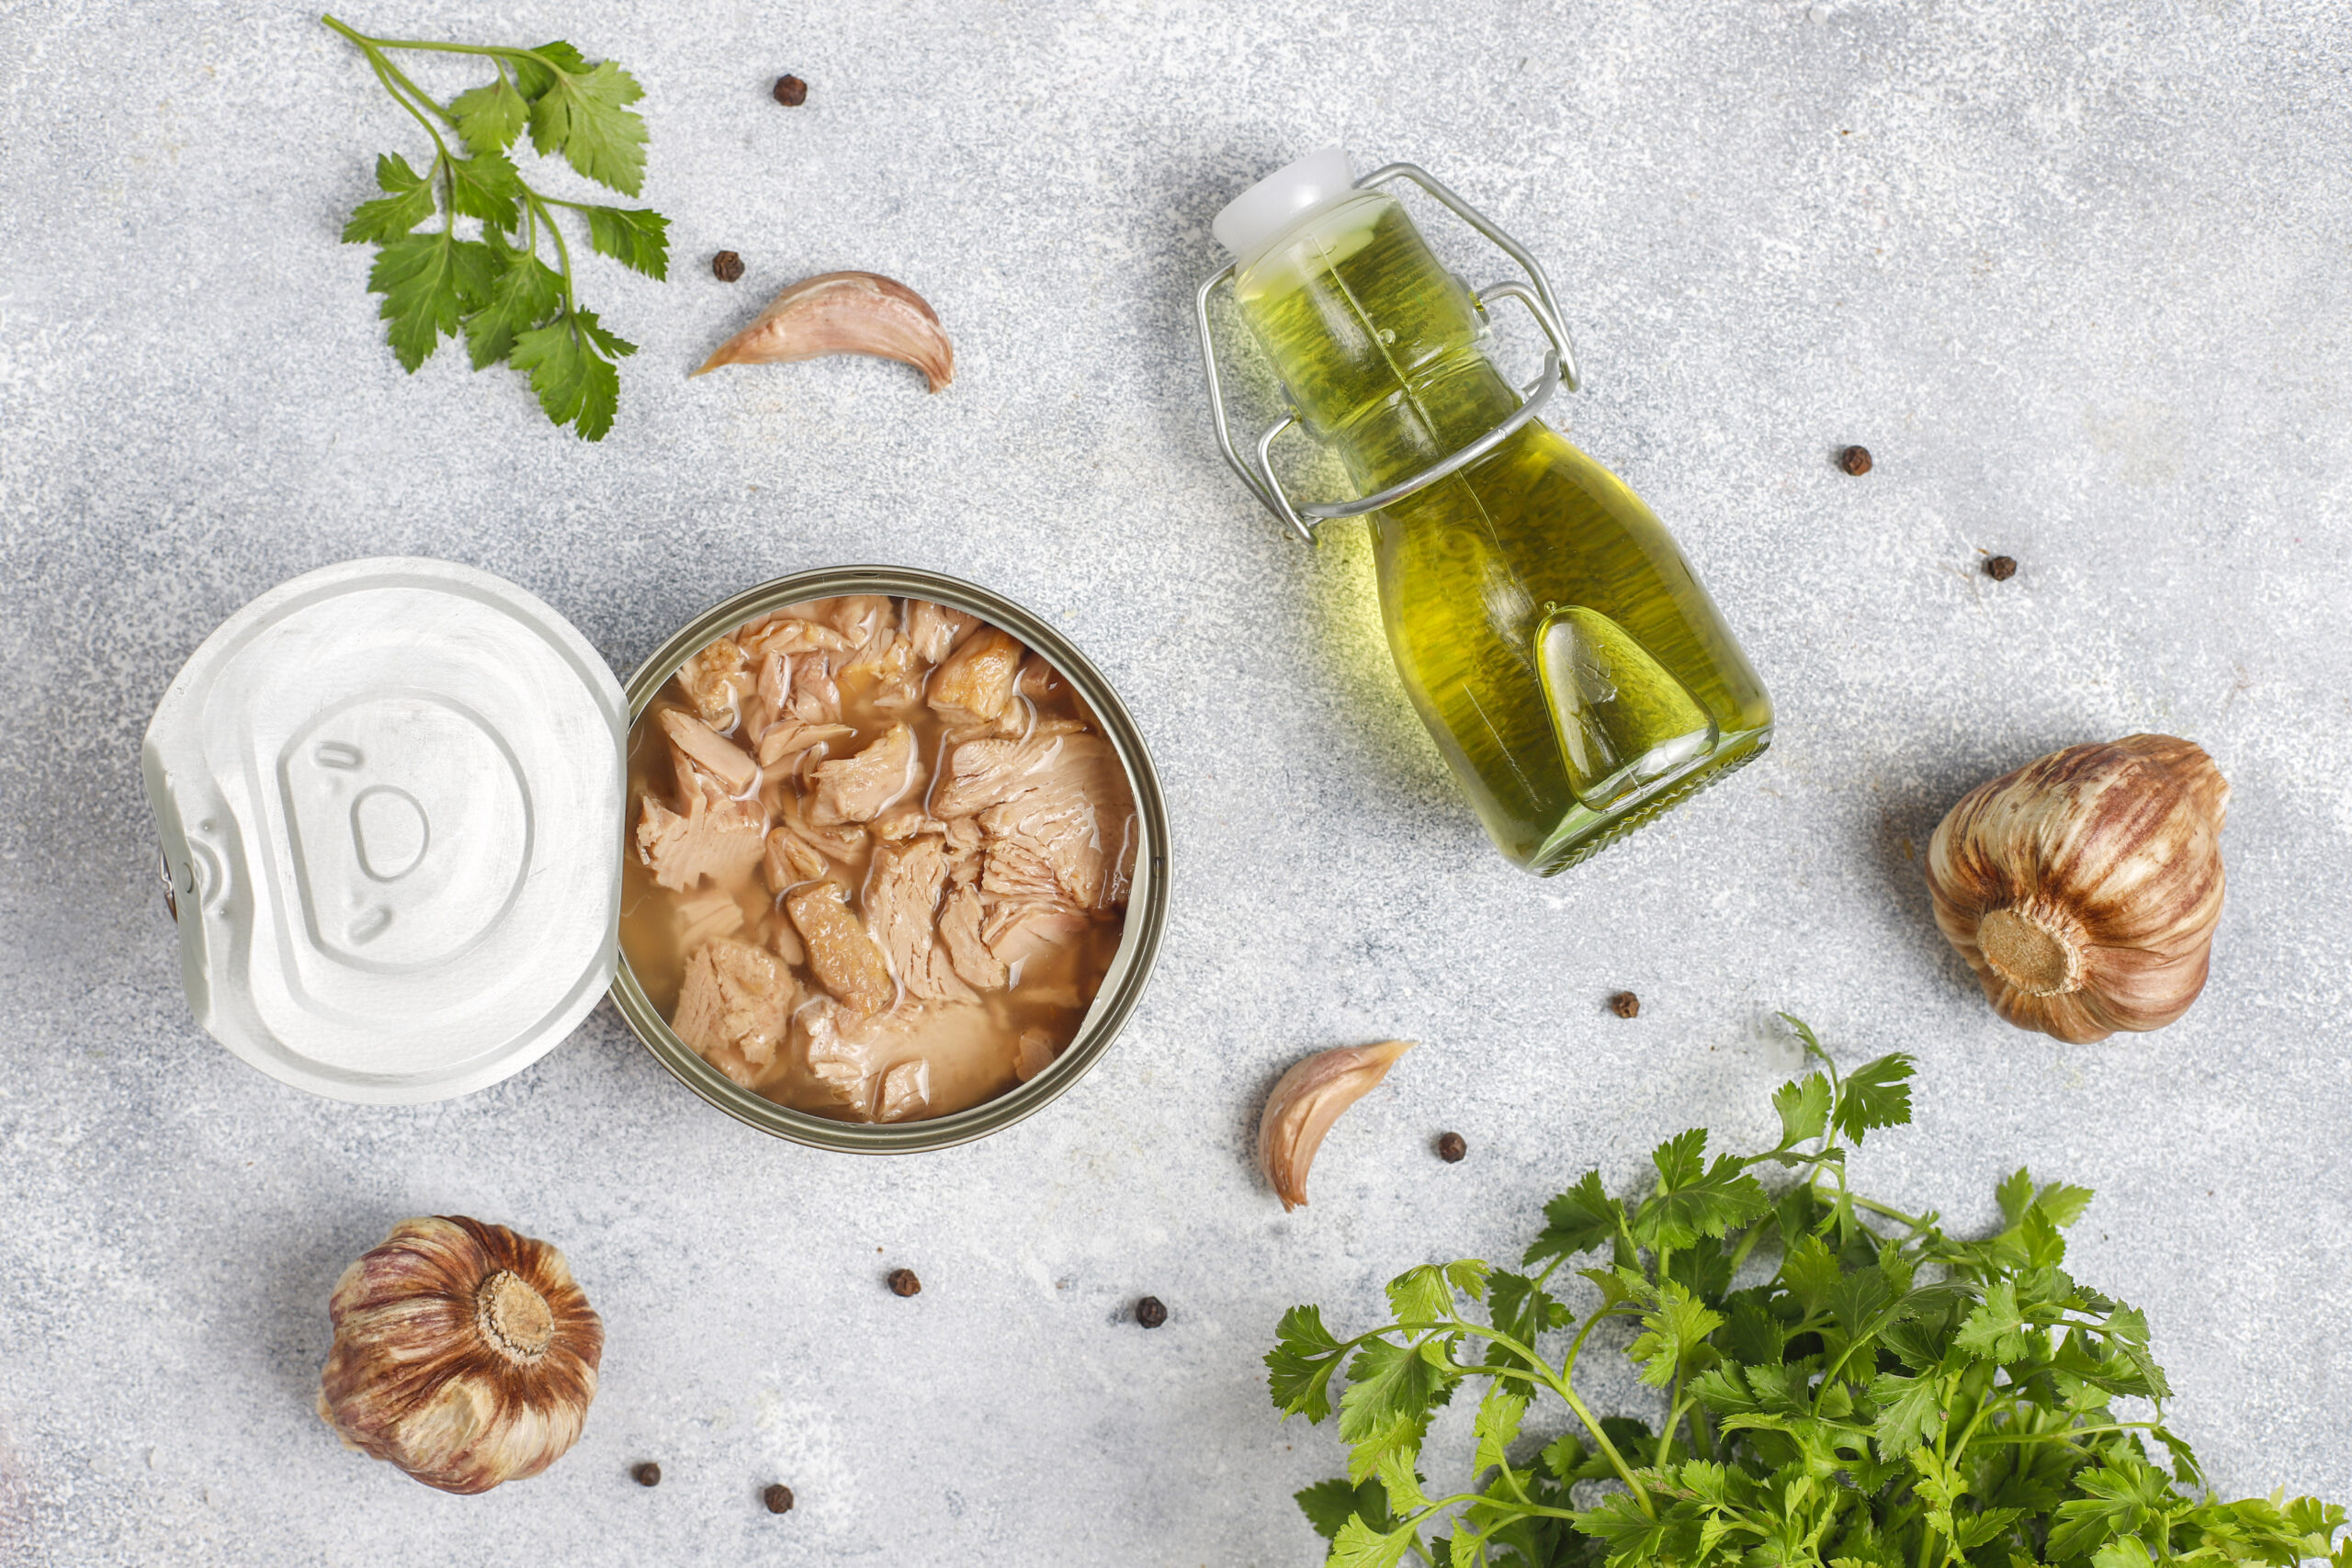 cibo da evitare allergia nichel